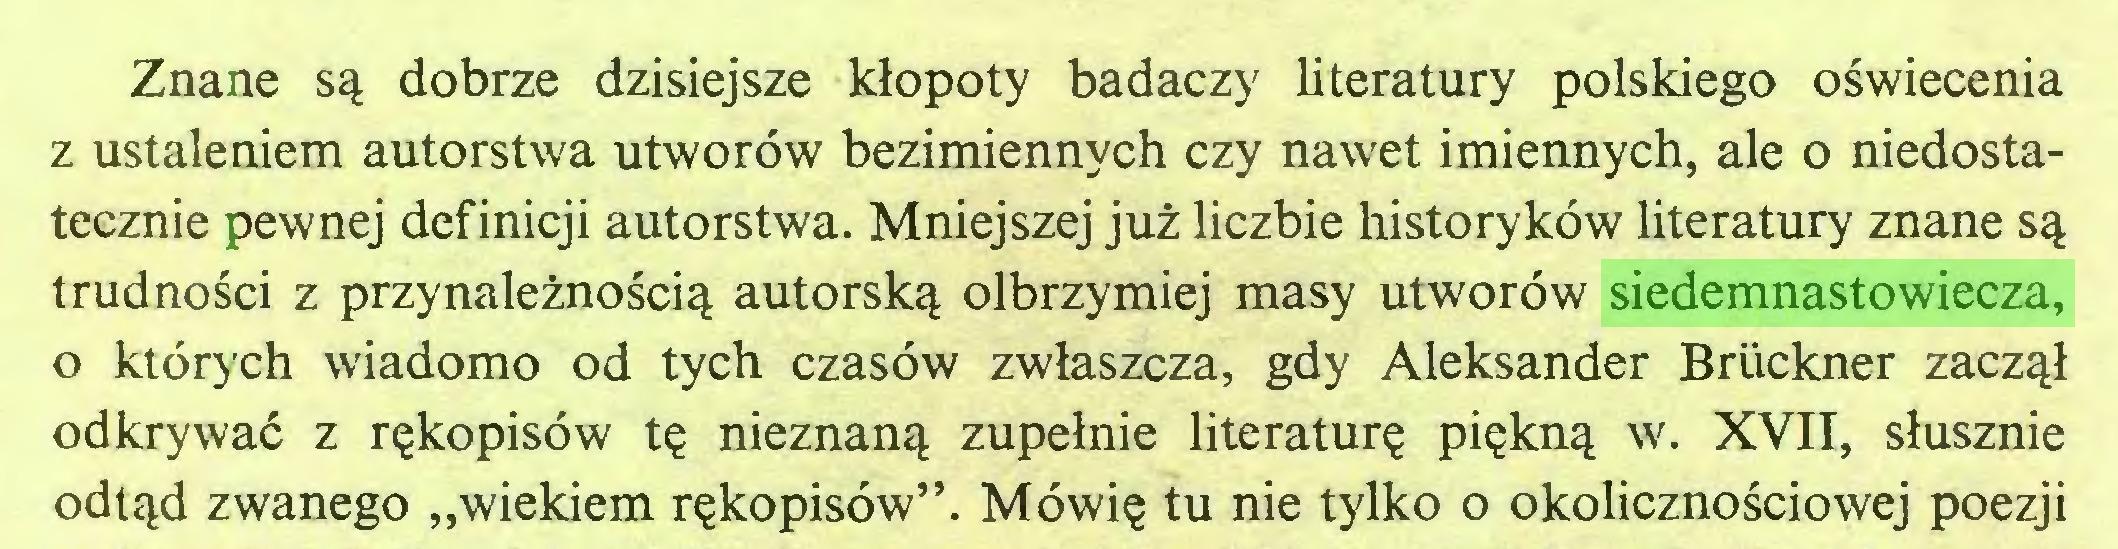 """(...) Znane są dobrze dzisiejsze kłopoty badaczy literatury polskiego oświecenia z ustaleniem autorstwa utworów bezimiennych czy nawet imiennych, ale o niedostatecznie pewnej definicji autorstwa. Mniejszej już liczbie historyków literatury znane są trudności z przynależnością autorską olbrzymiej masy utworów siedemnastowiecza, 0 których wiadomo od tych czasów zwłaszcza, gdy Aleksander Bruckner zaczął odkrywać z rękopisów tę nieznaną zupełnie literaturę piękną w. XVII, słusznie odtąd zwanego """"wiekiem rękopisów"""". Mówię tu nie tylko o okolicznościowej poezji..."""